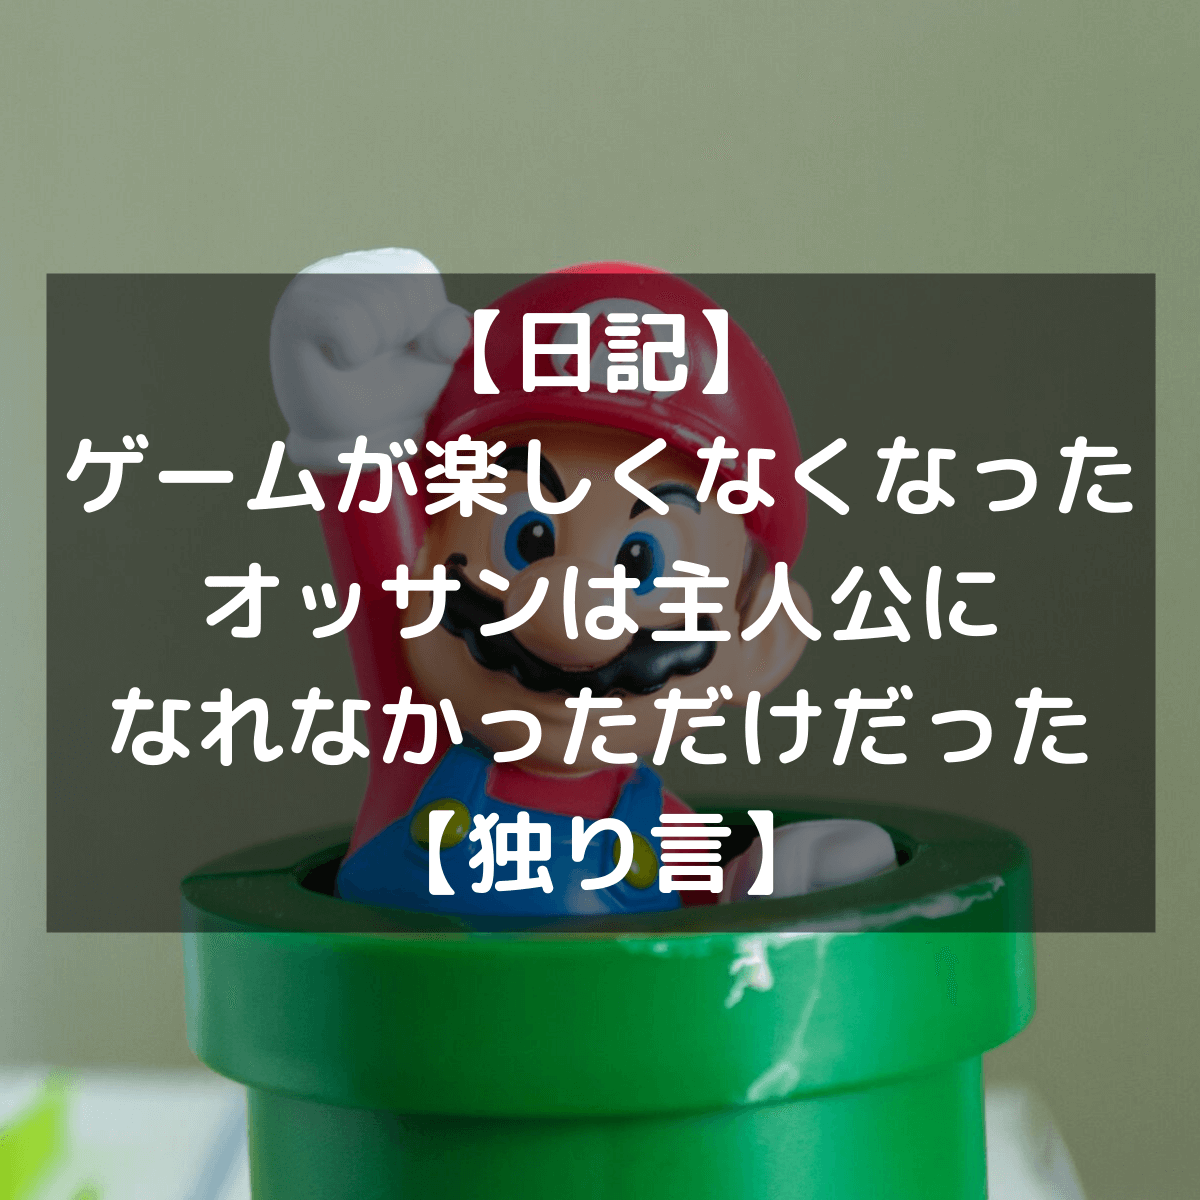 f:id:tosakax:20190928111809p:plain